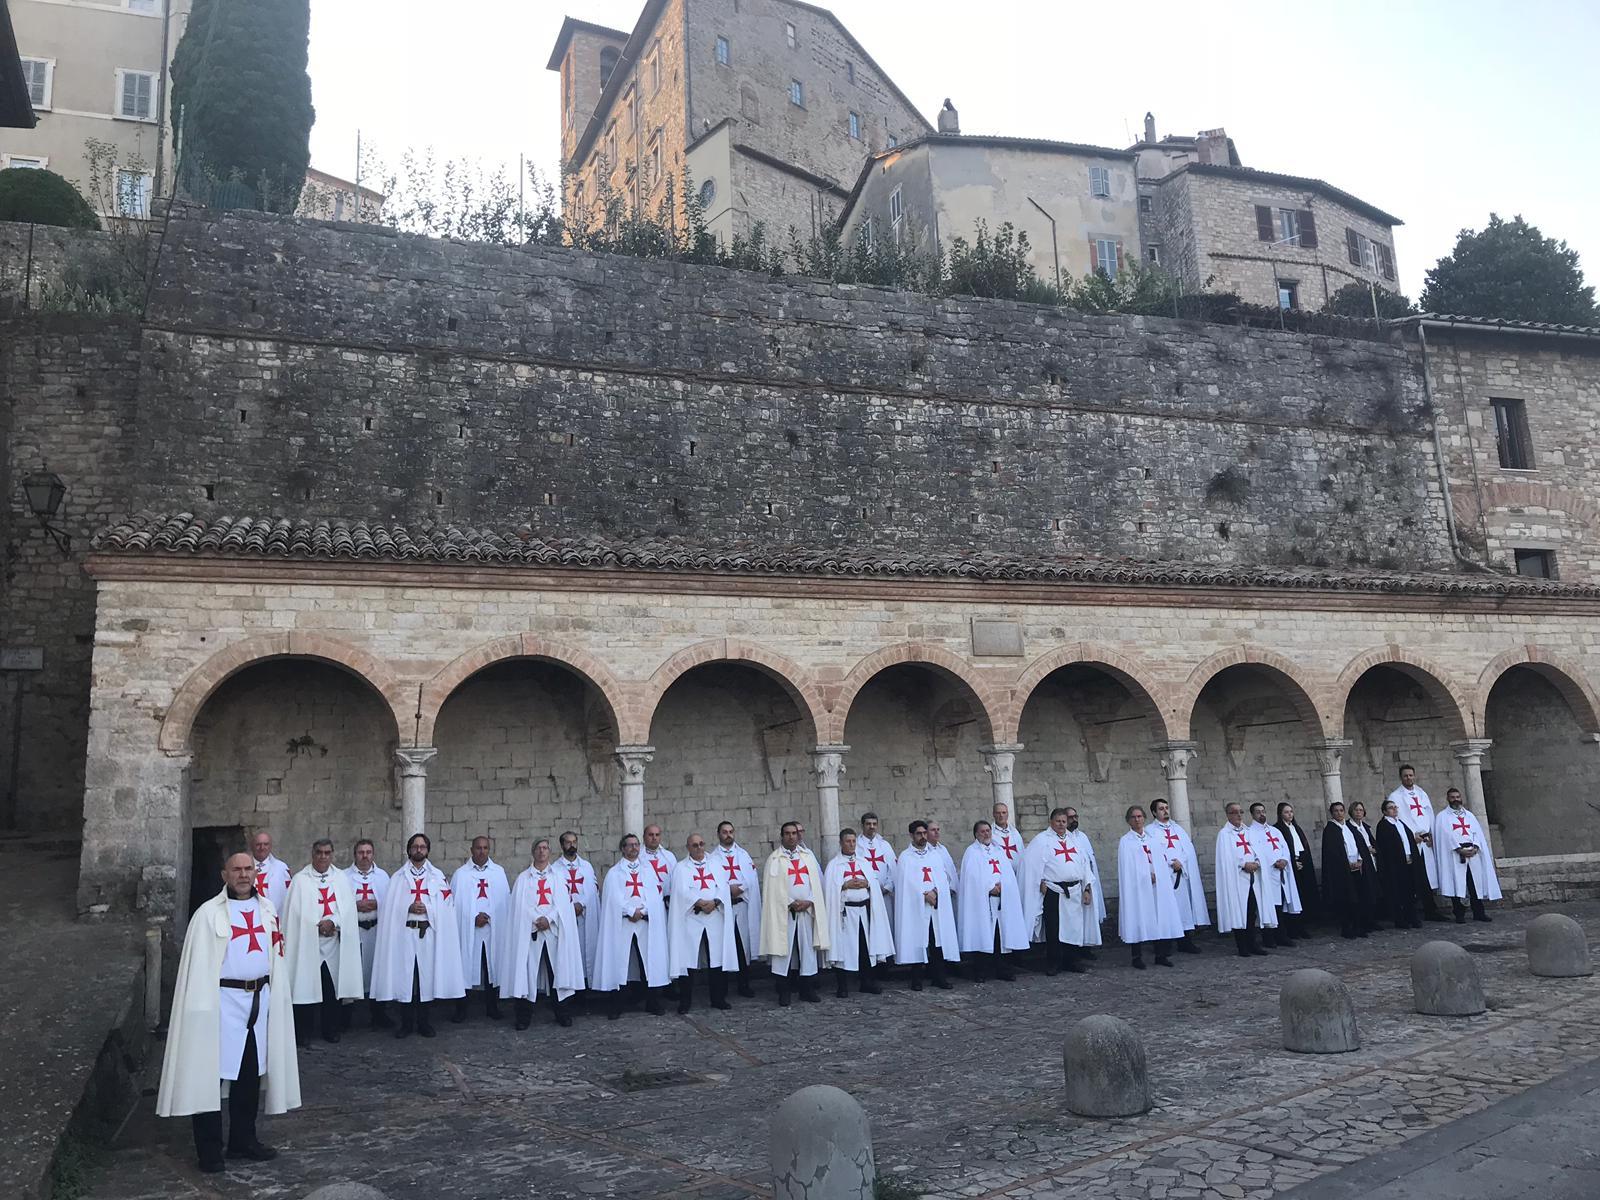 Santa Messa presso la chiesa Templare dei santi Ilario e Carlo